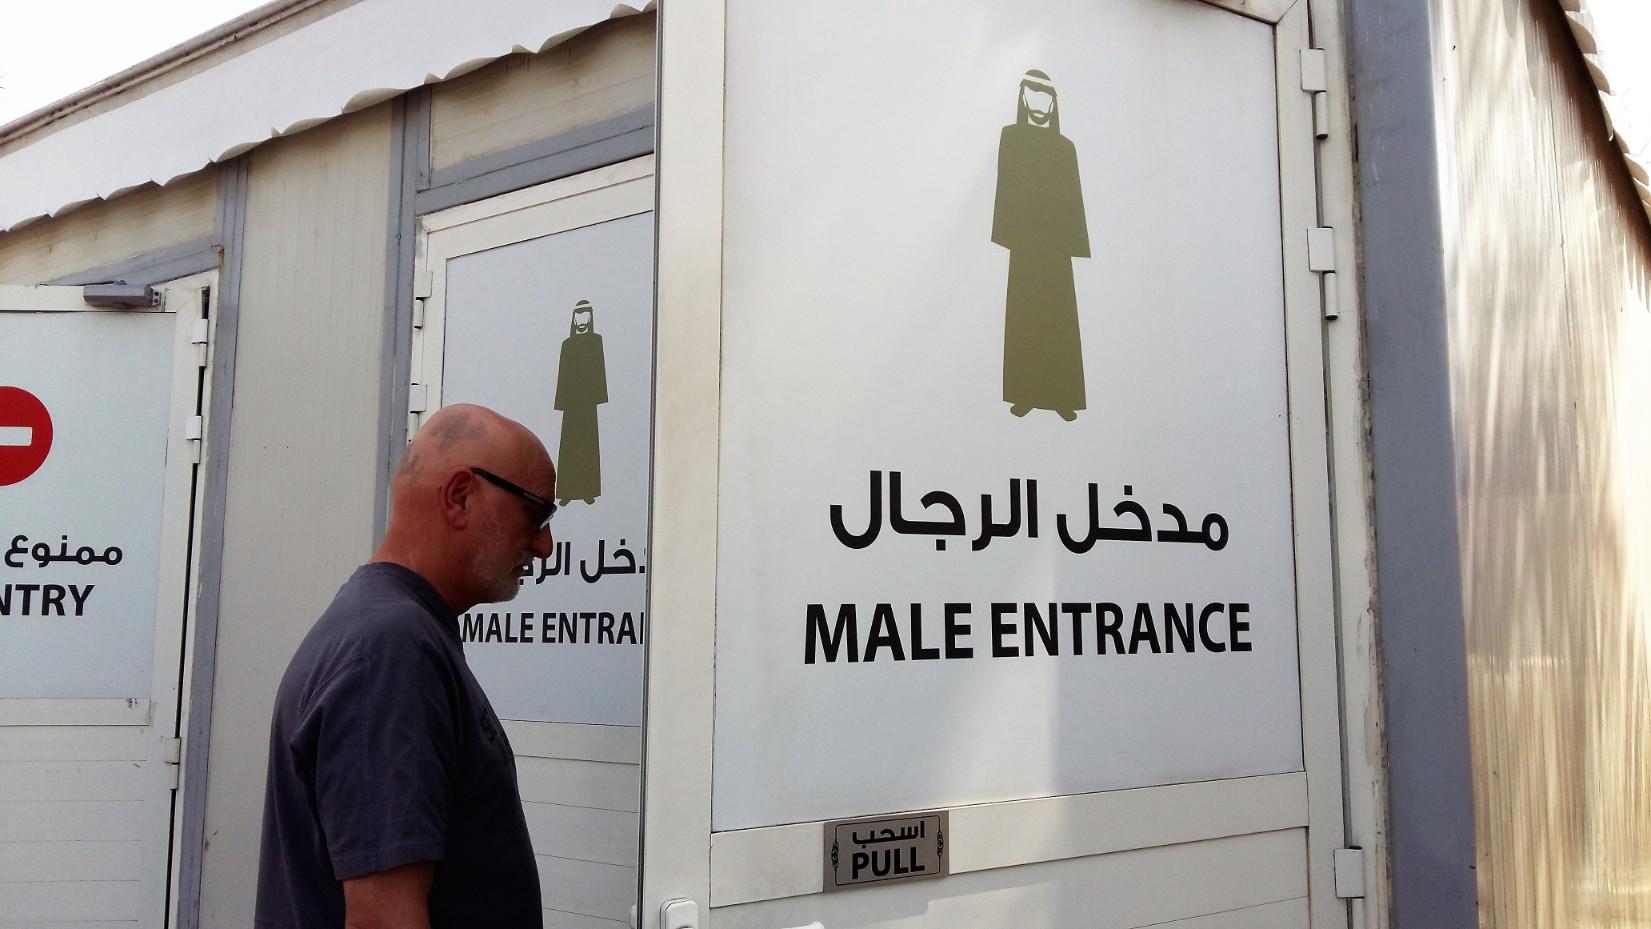 A férfiak bejárata ugyanott